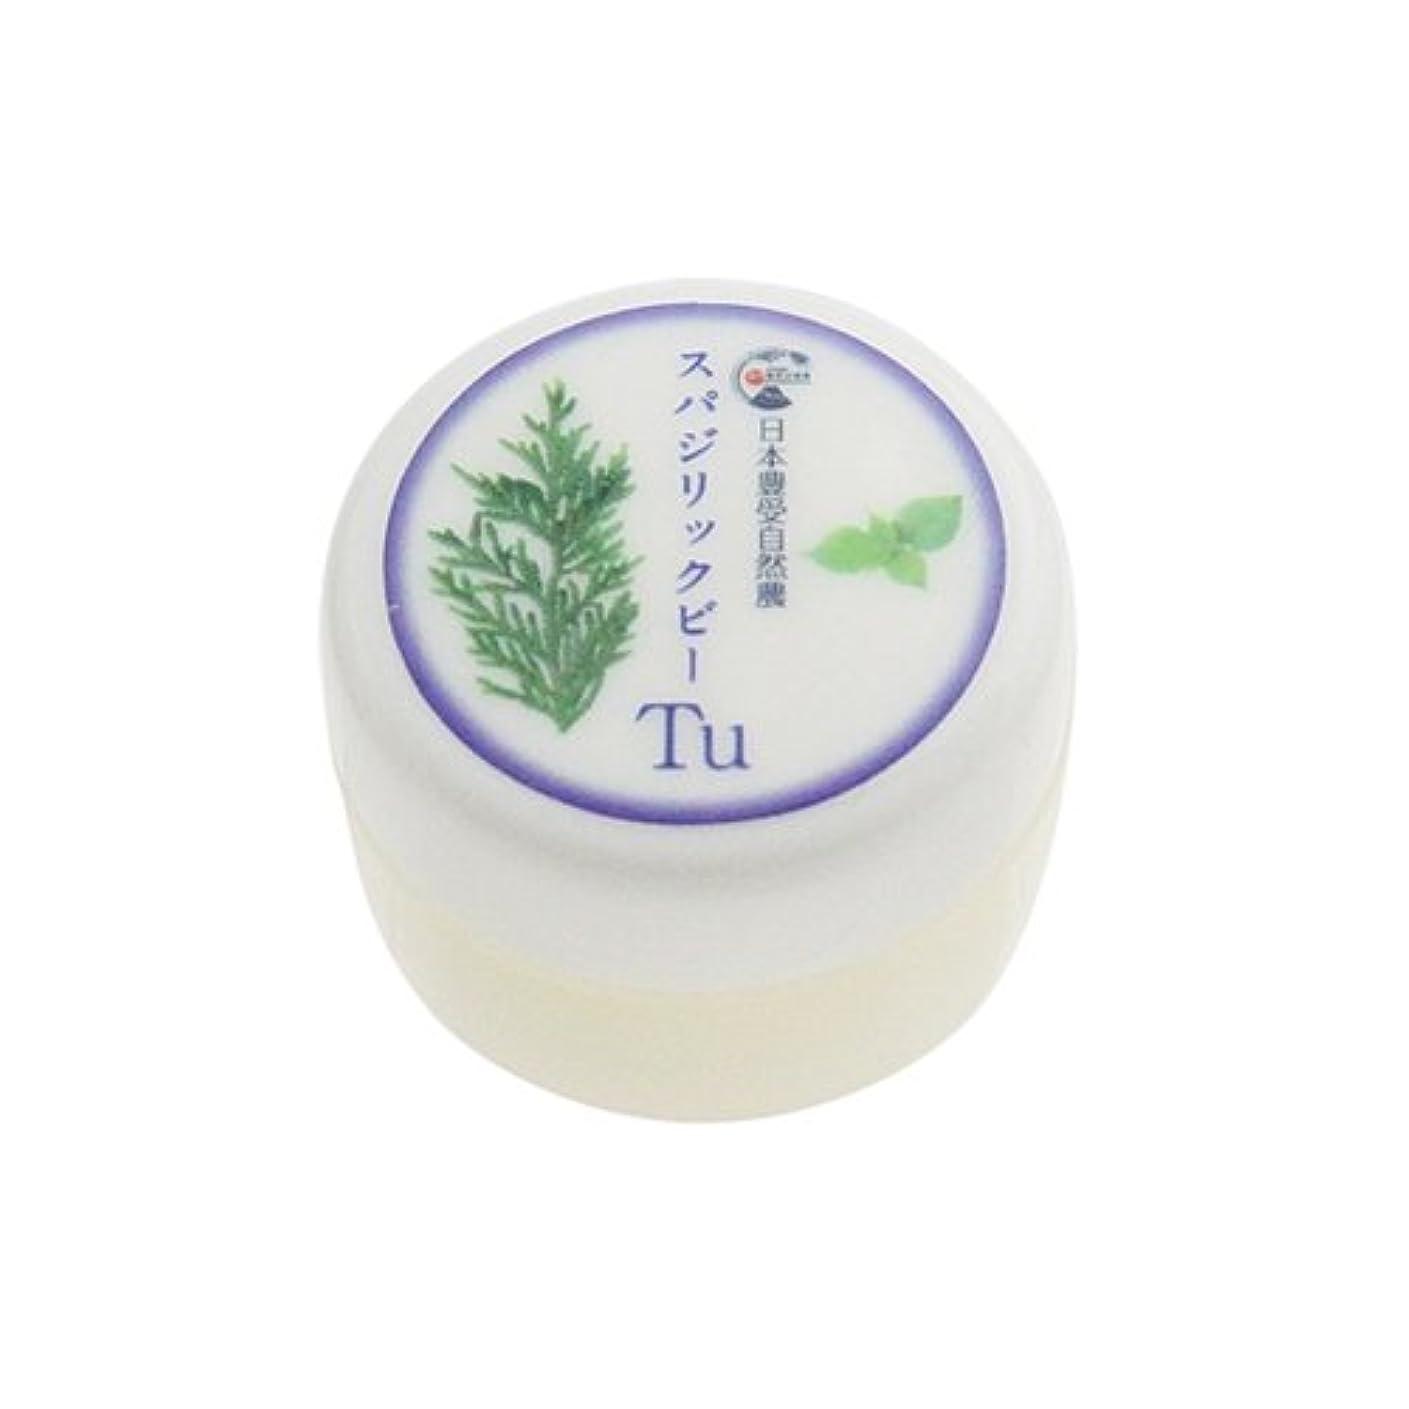 メタルライン空いている事前に日本豊受自然農 スパジリック ビーTu(小) 10g